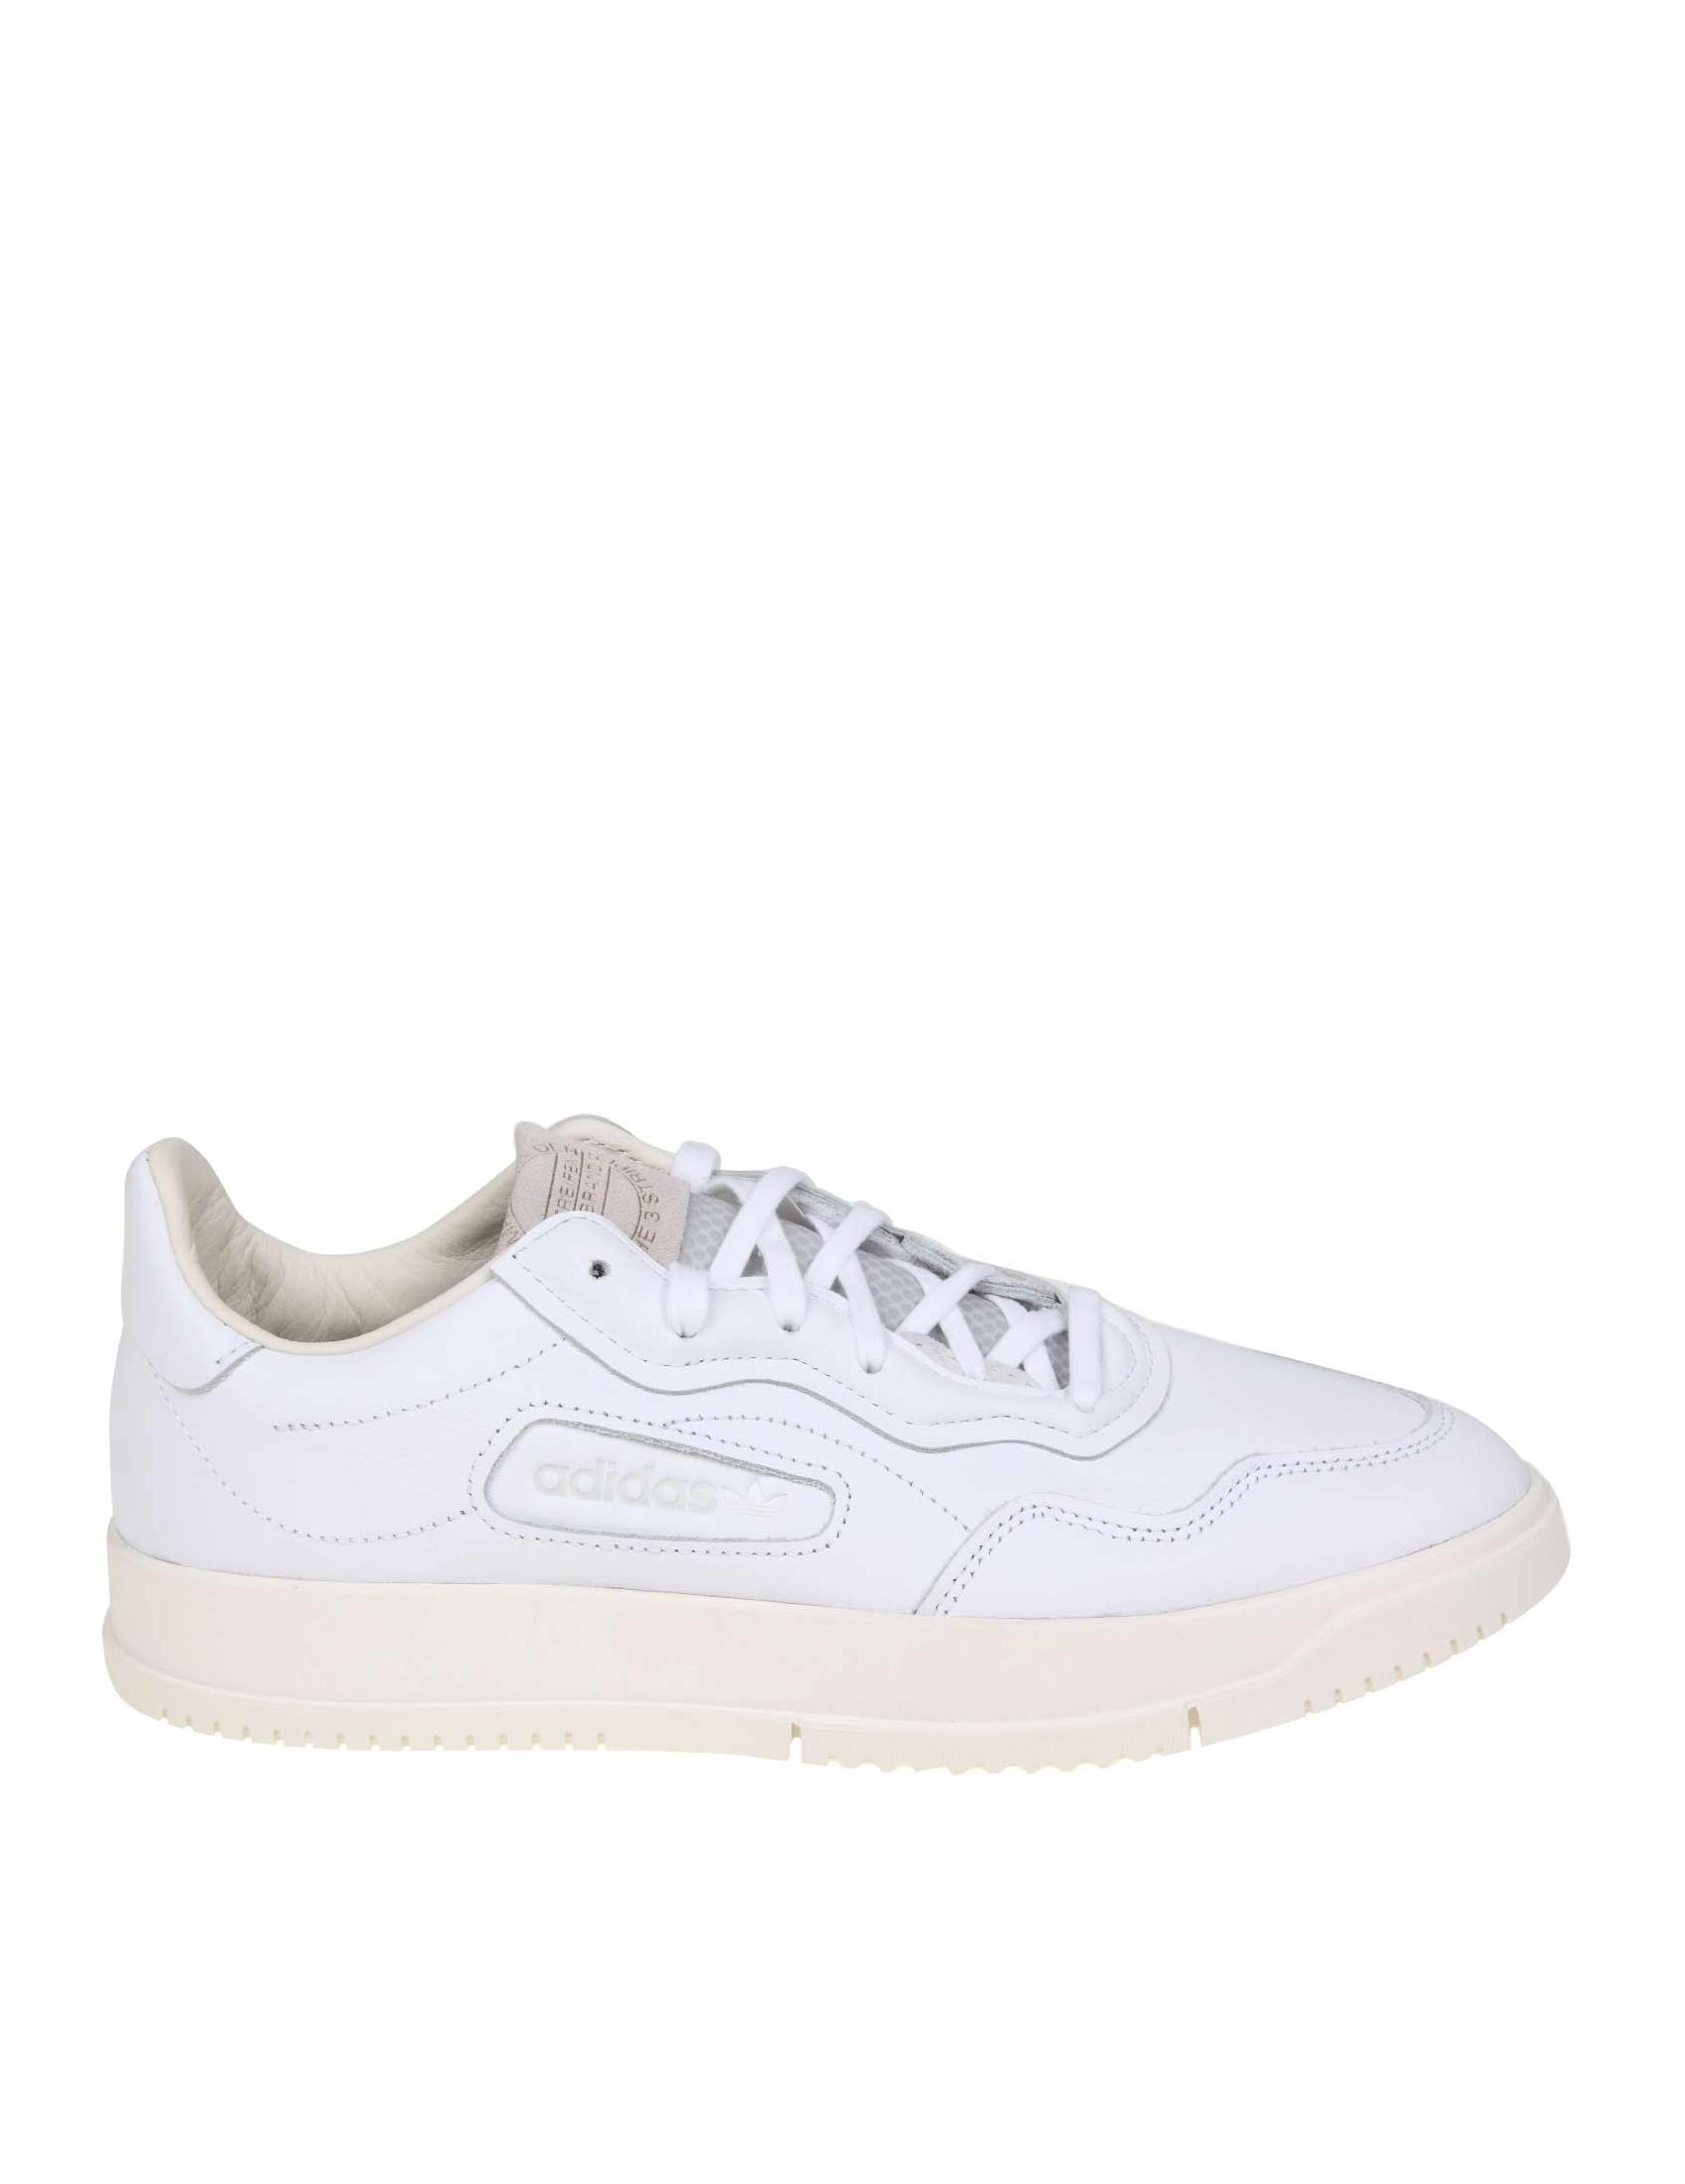 Pelle Sneakers Bianco In Sc Premiere Colore Adidas FuKc135TlJ